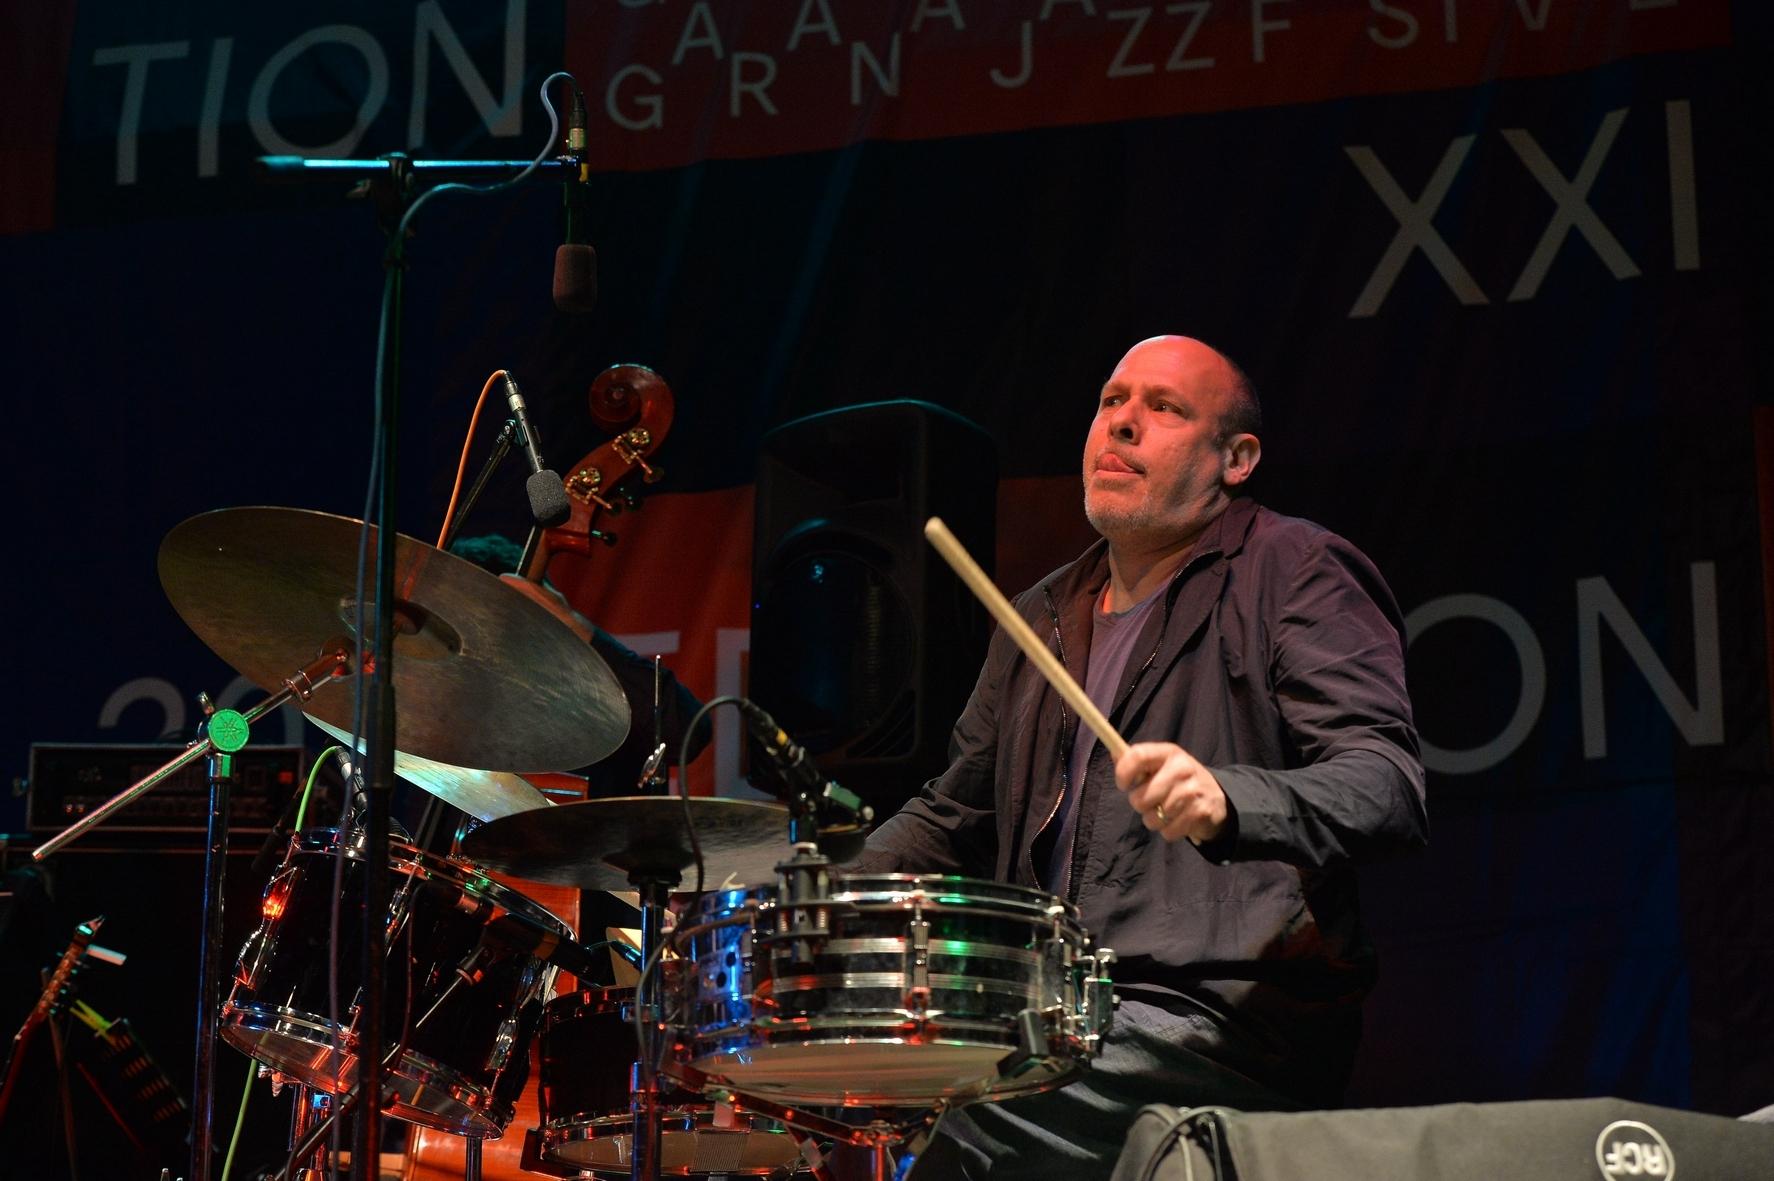 Jeff Ballard at Garana Jazz Festival 2017